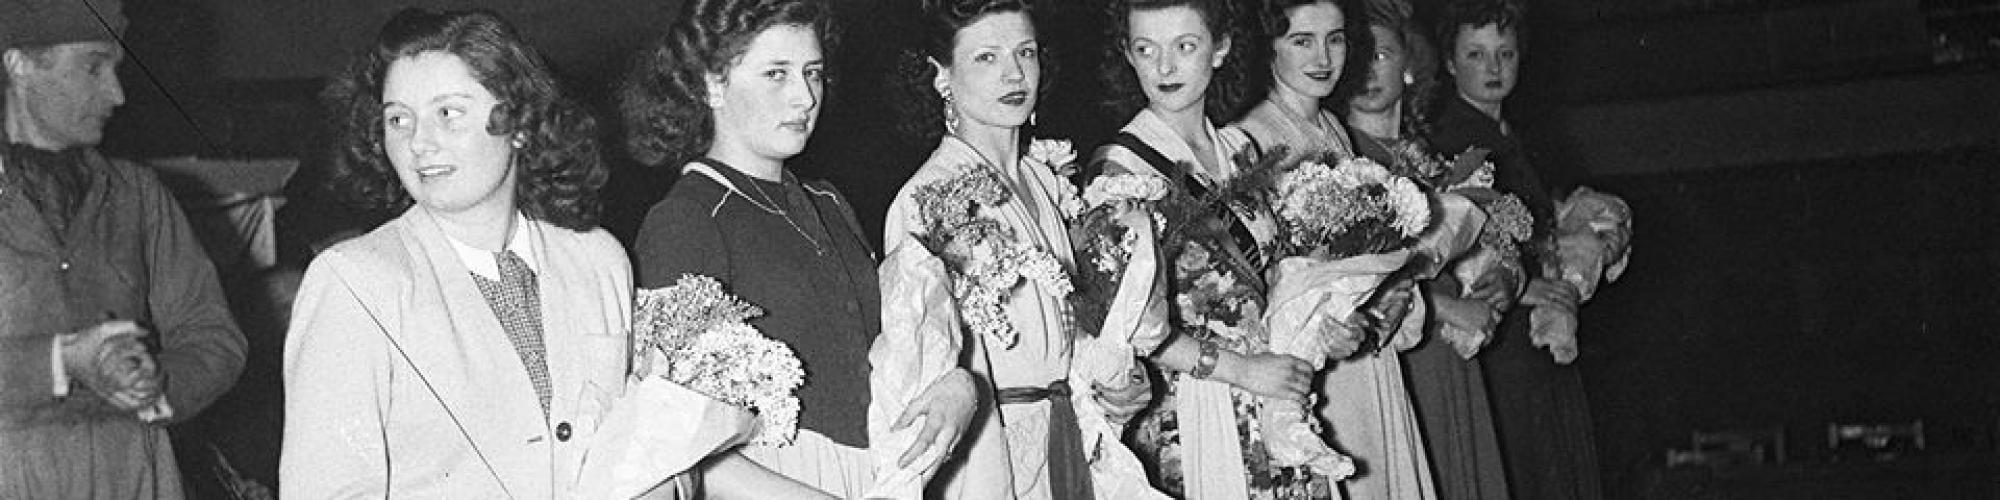 Foto Sadocolor (Rechten voorbehouden), Pin-up girl in Ancienne Belgique, 10.1.1945.